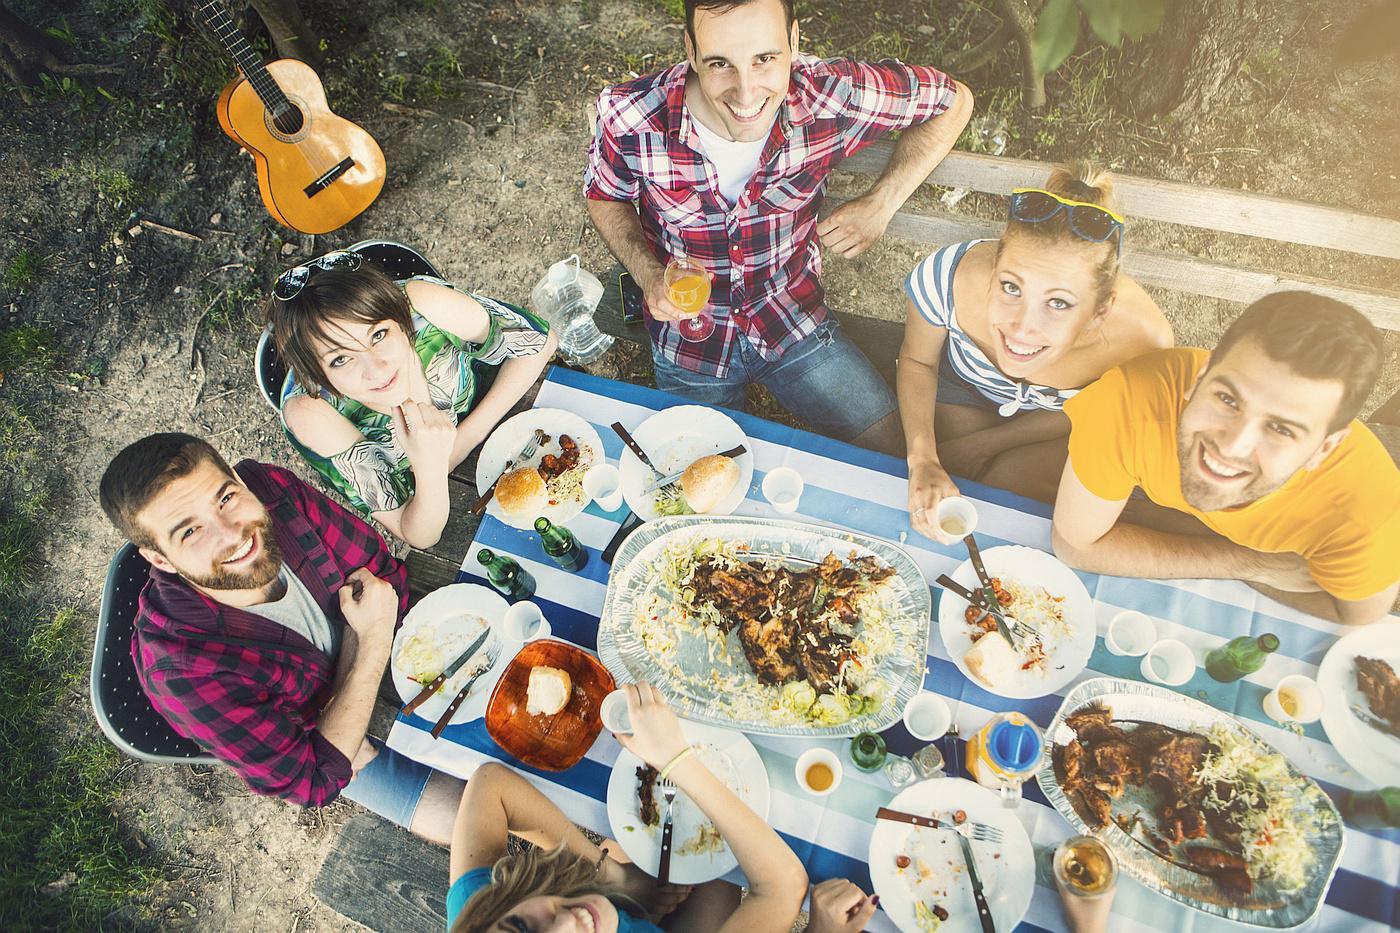 Dajte si oduška i slobodno uživajte u roštilju! Ali kao i sa svim drugim prženim i pečenim jelima - nemojte u njemu pretjerivati.